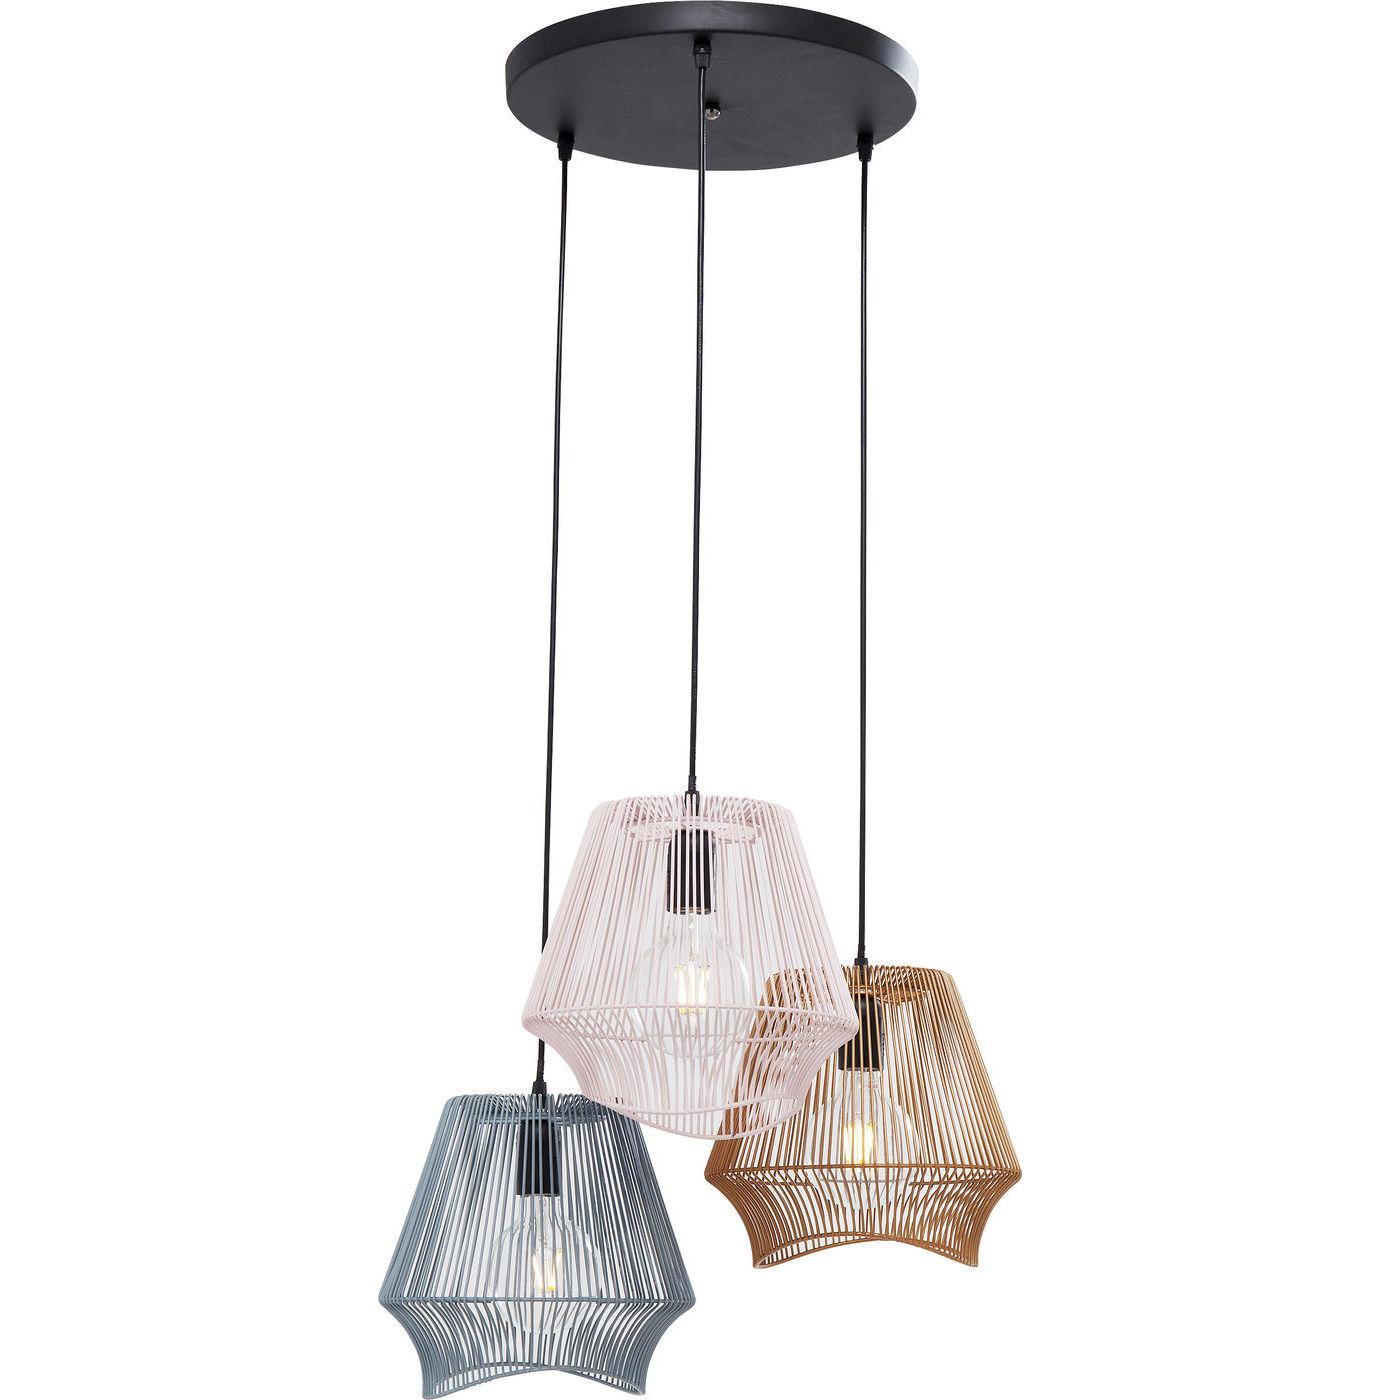 kare design Kare design ischia spiral tre loftlampe - grå/hvid/guld stål fra boboonline.dk